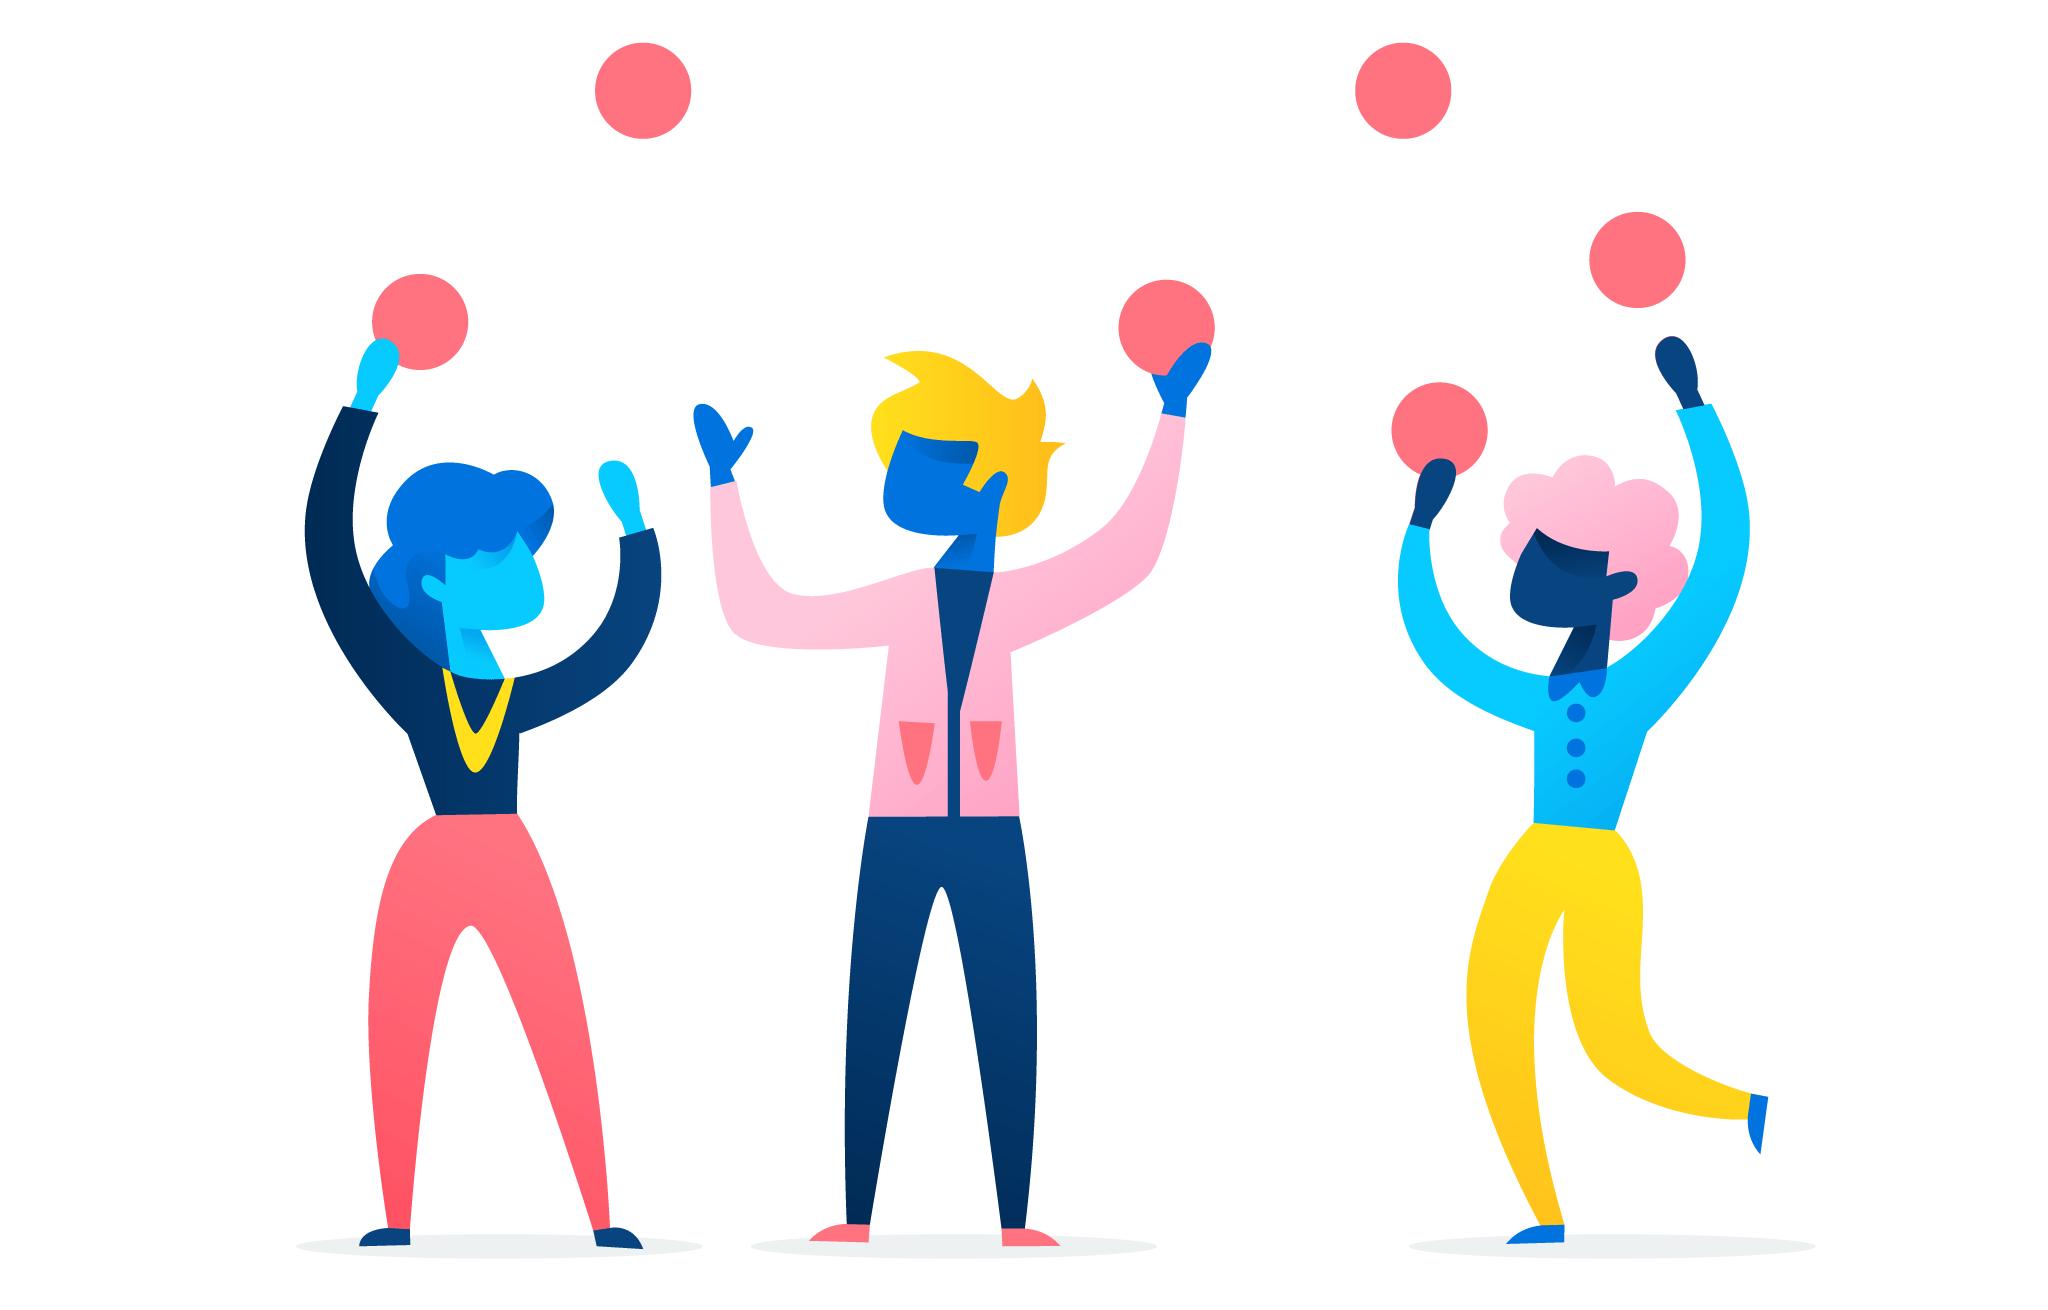 چگونه مشارکت کاربران در کمپین ها، را افزایش دهیم؟